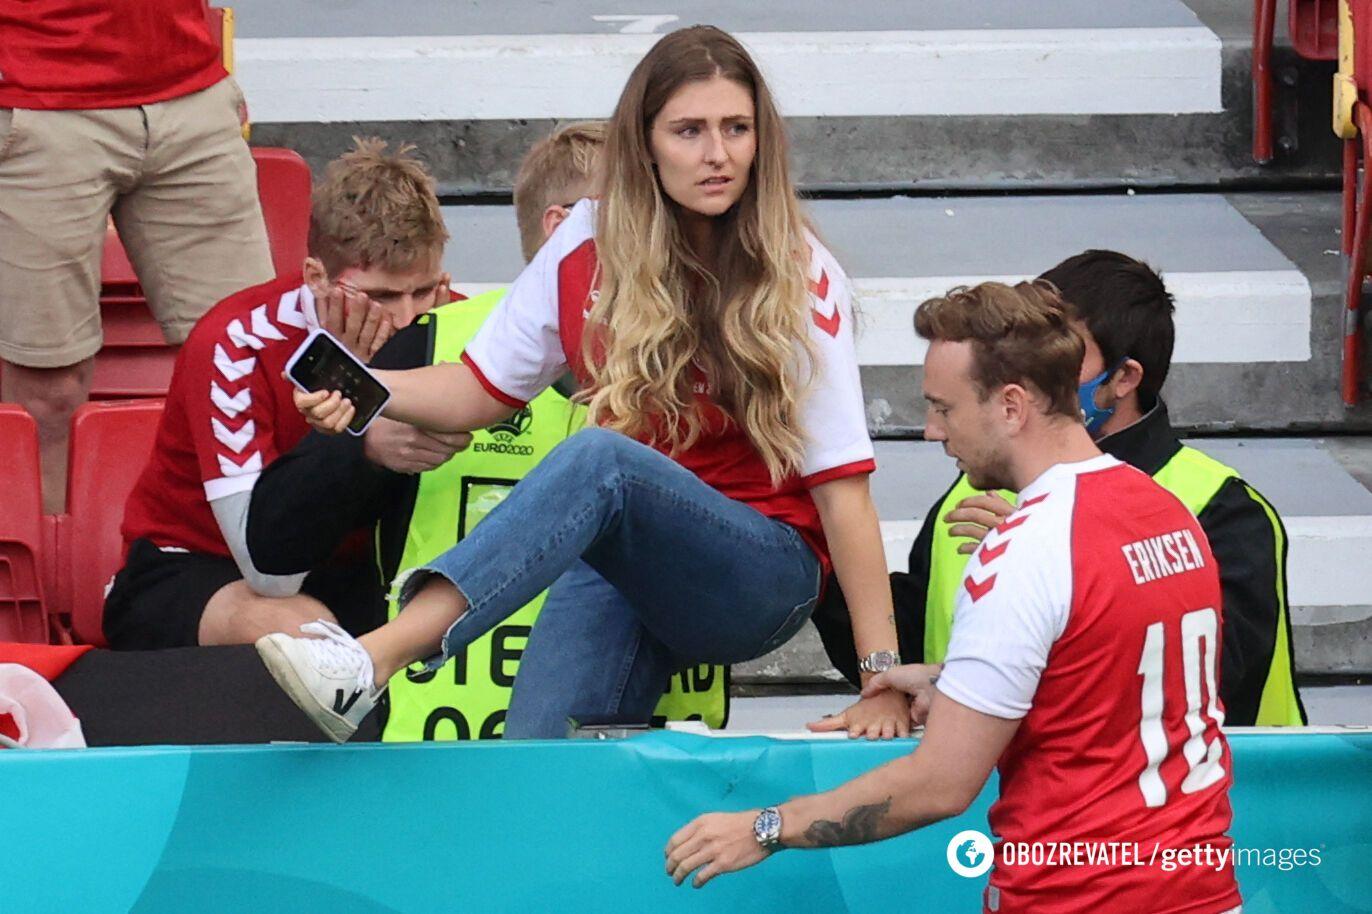 Сабріна Квіст Йенсен під час інциденту на стадіоні в Копенгагені